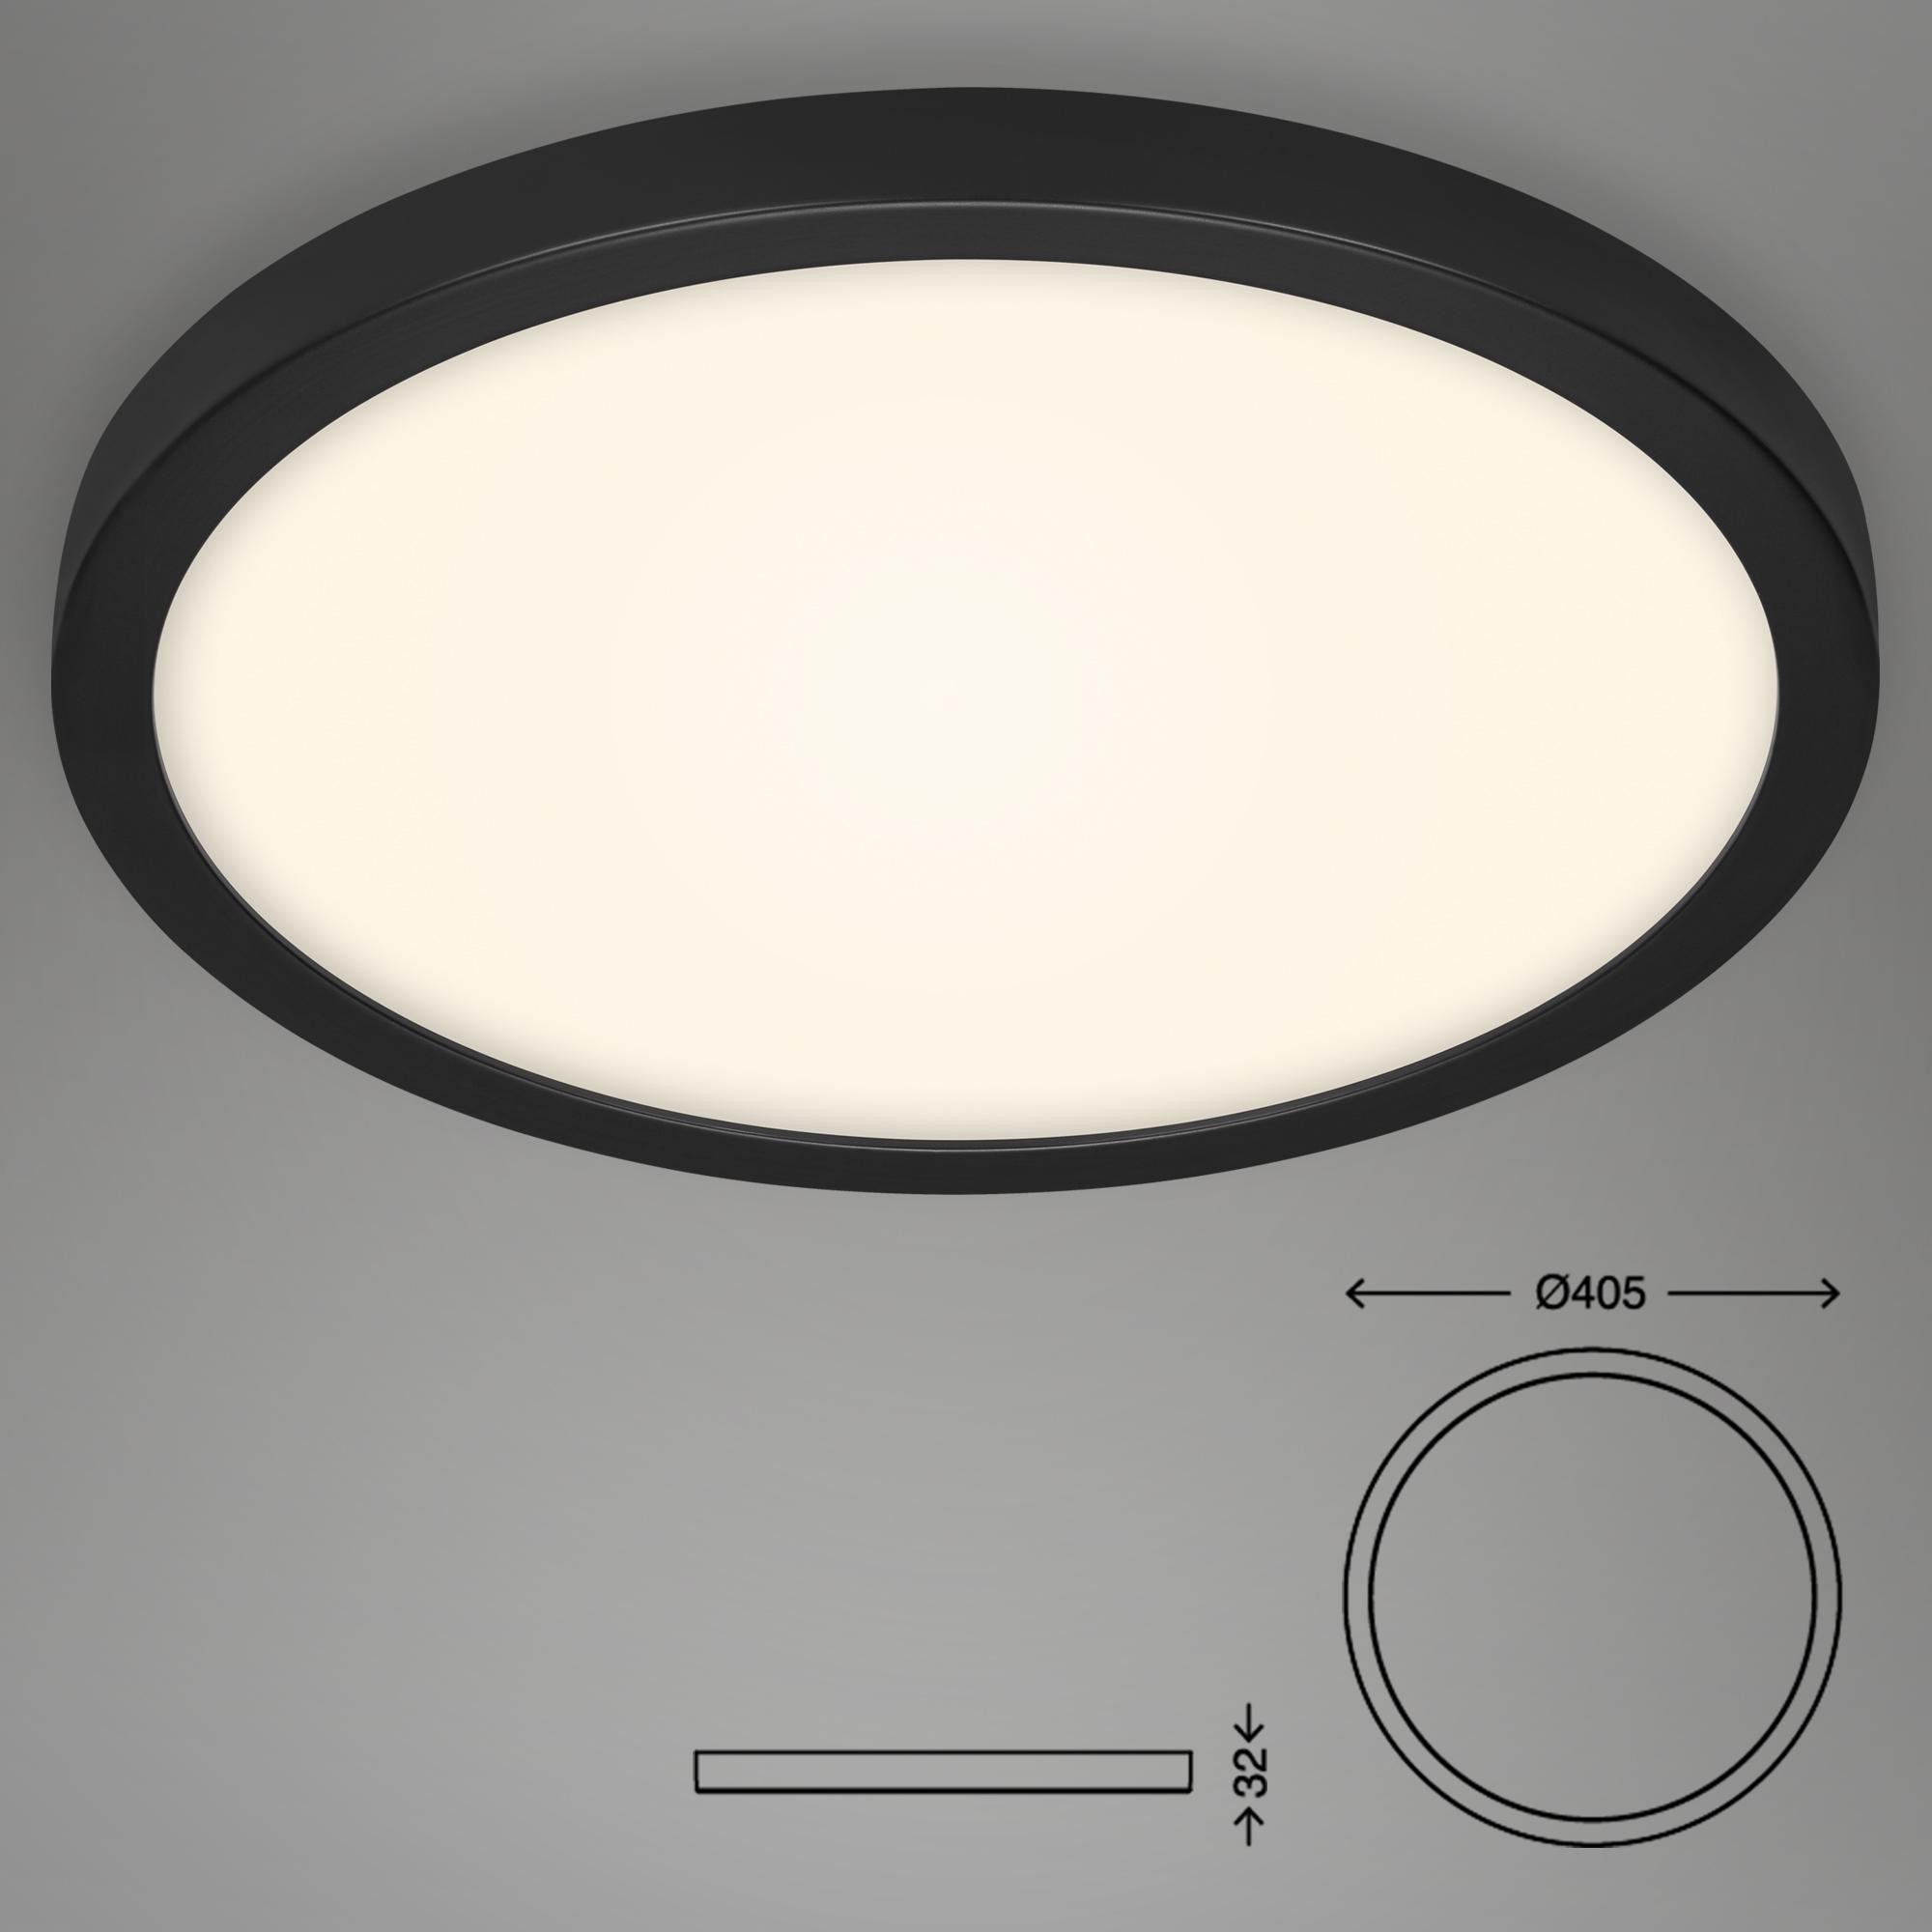 LED Deckenleuchte Schwarz